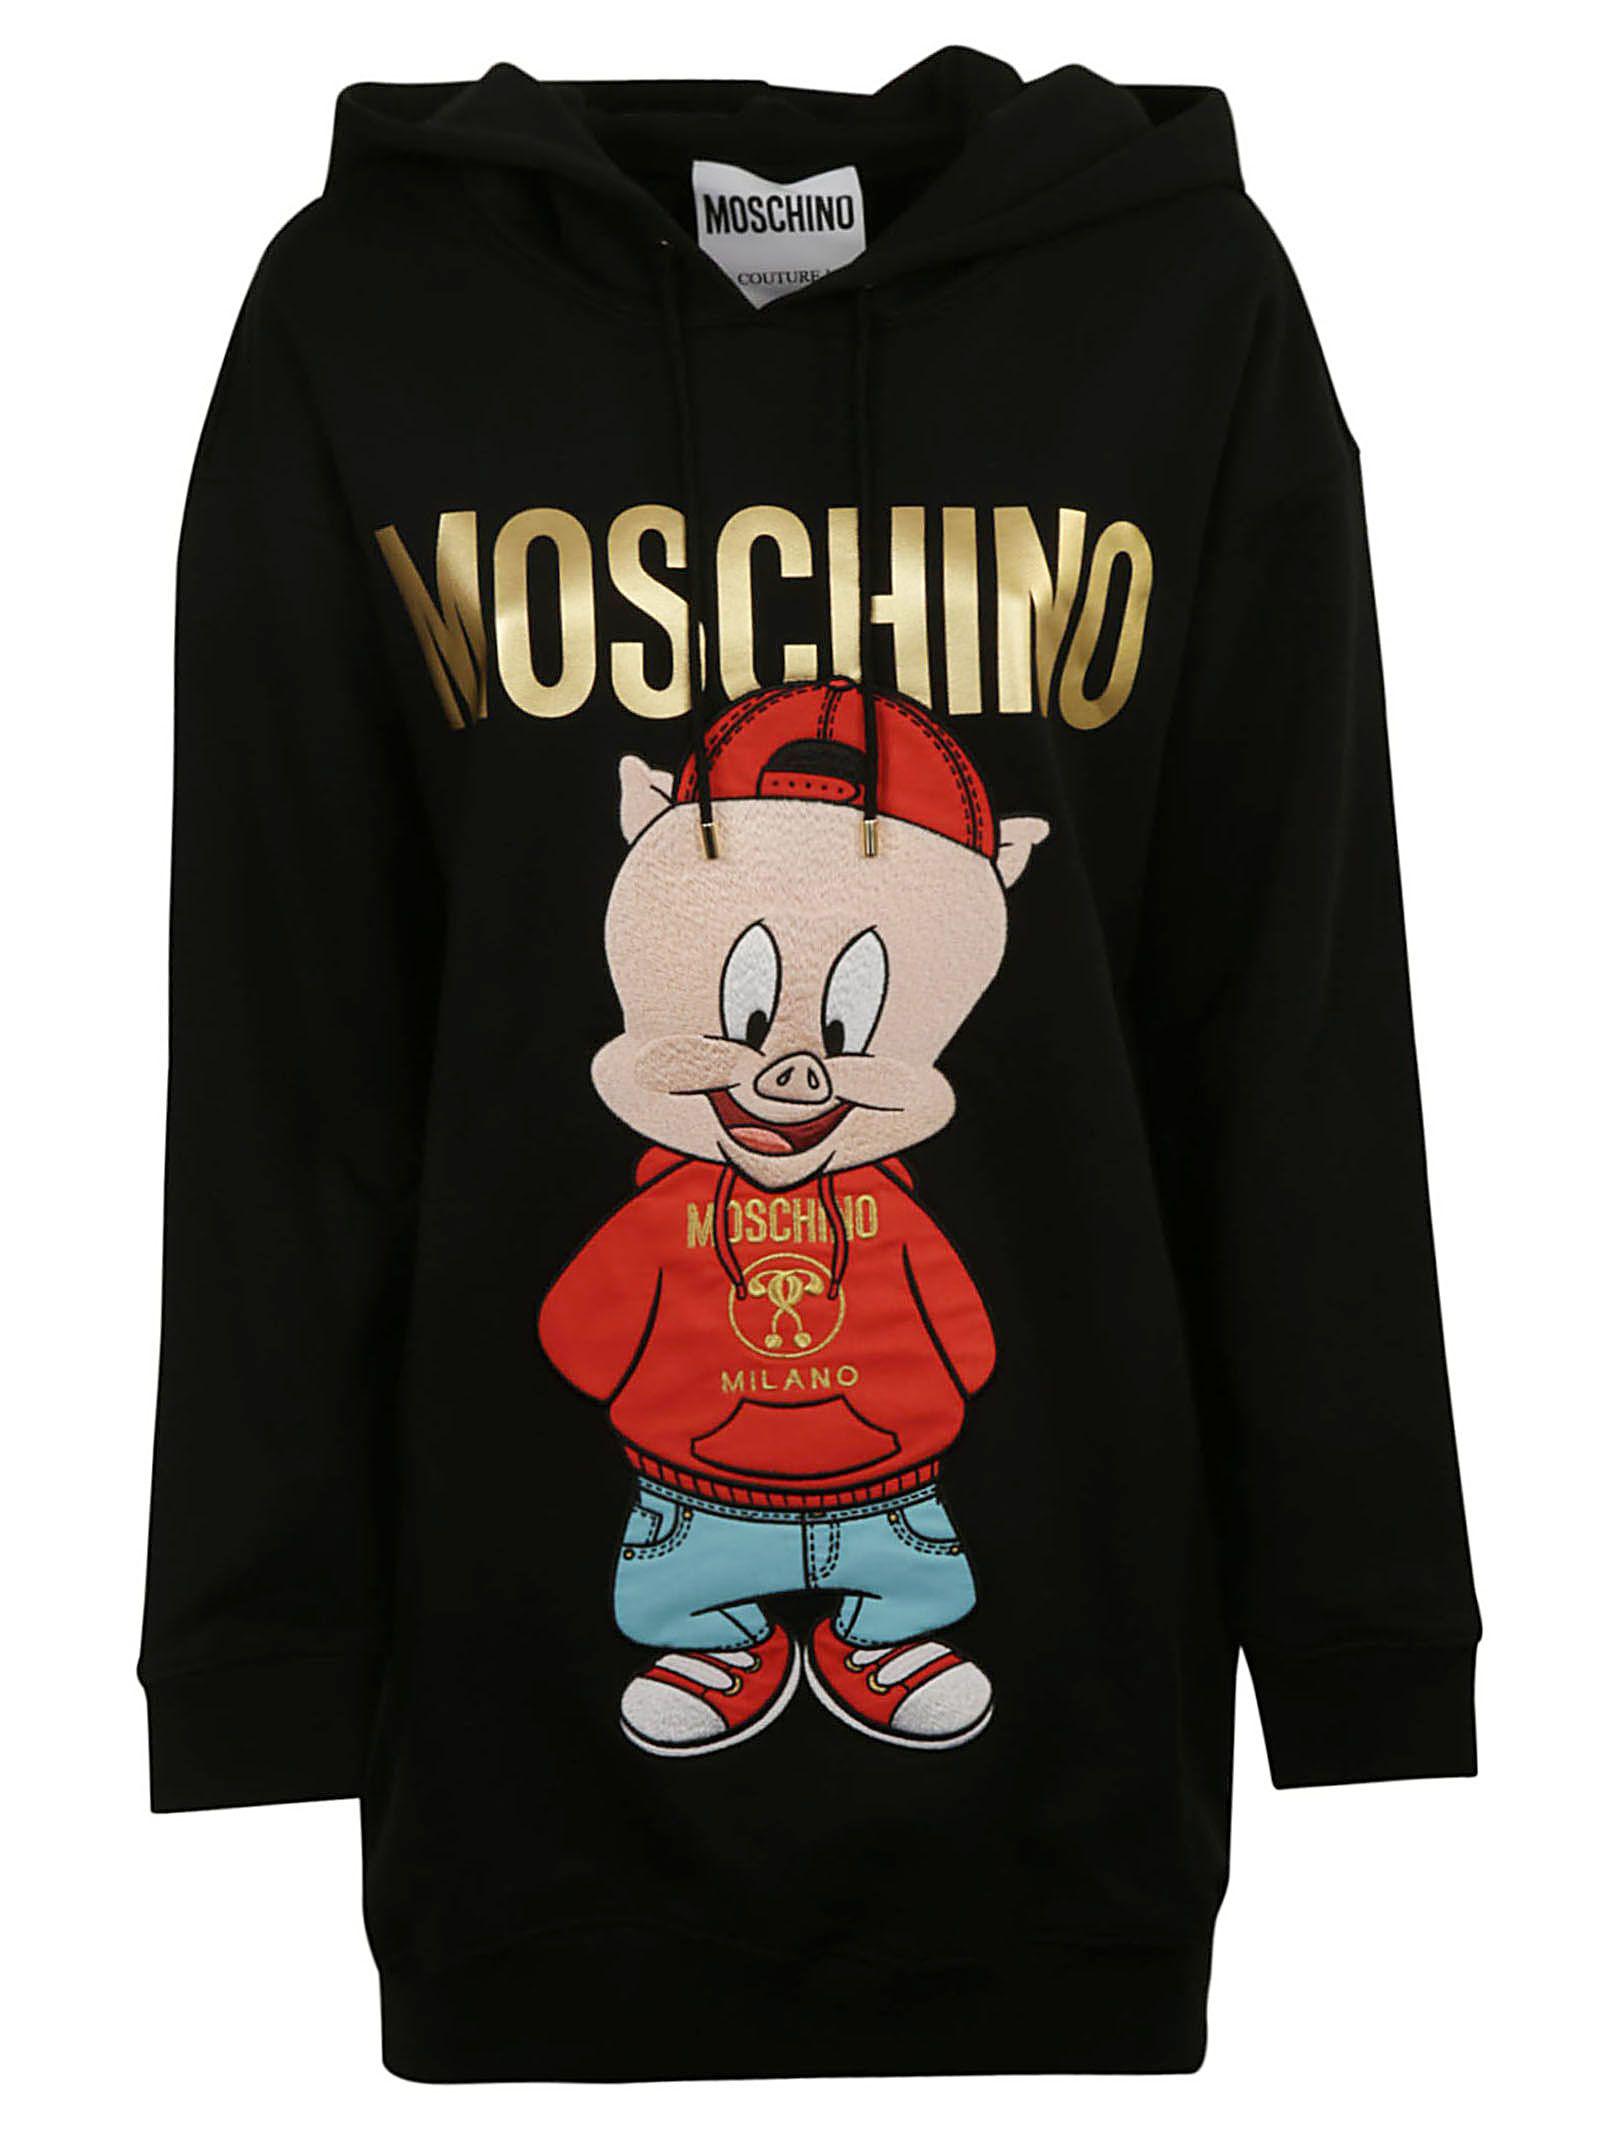 86d99d15e3 Moschino Cotton Fleece Dress With Hood In Black | ModeSens